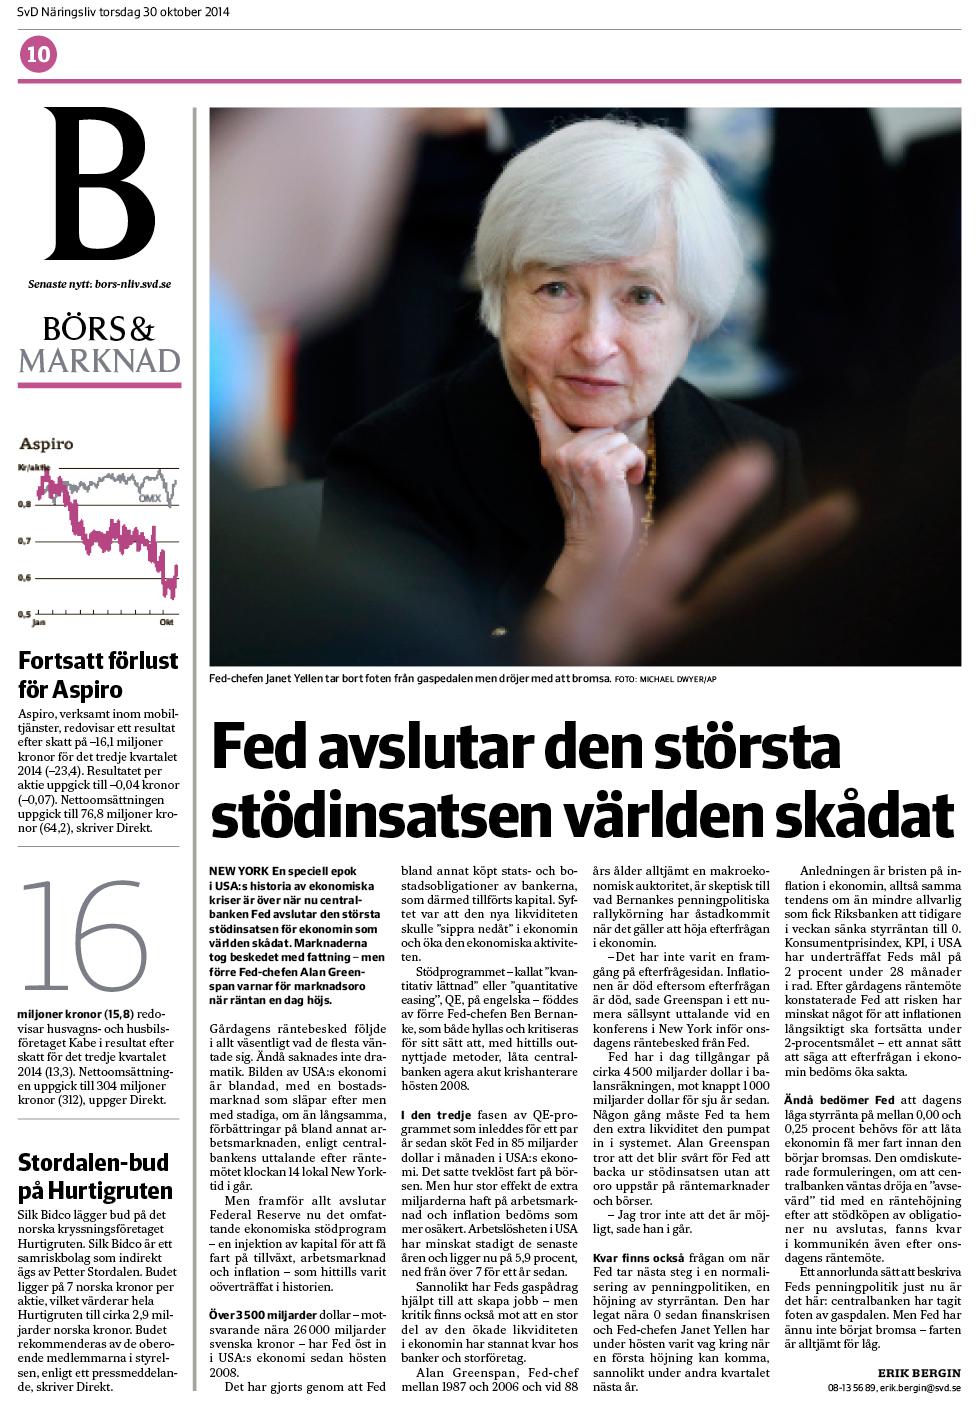 Artikeln torsdagen den 30 oktober 2014 om Feds räntebesked.